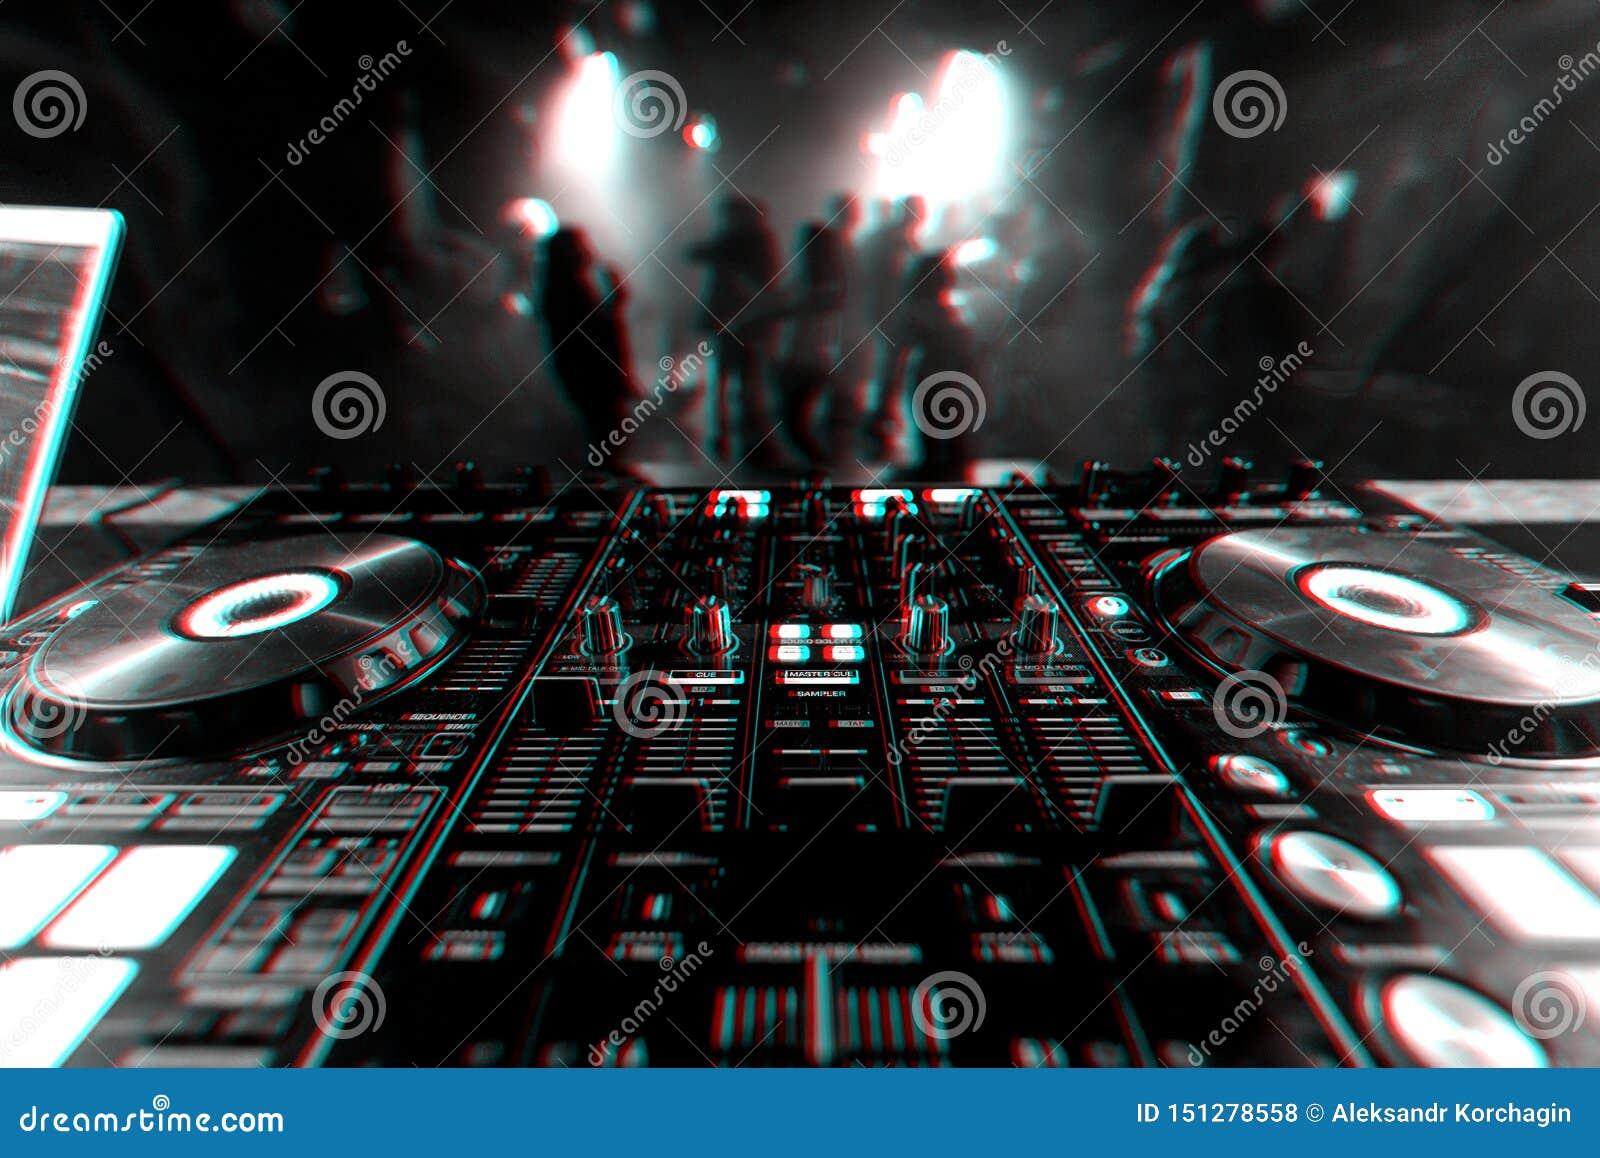 Controlador profissional do misturador do DJ para a m?sica de mistura em um clube noturno